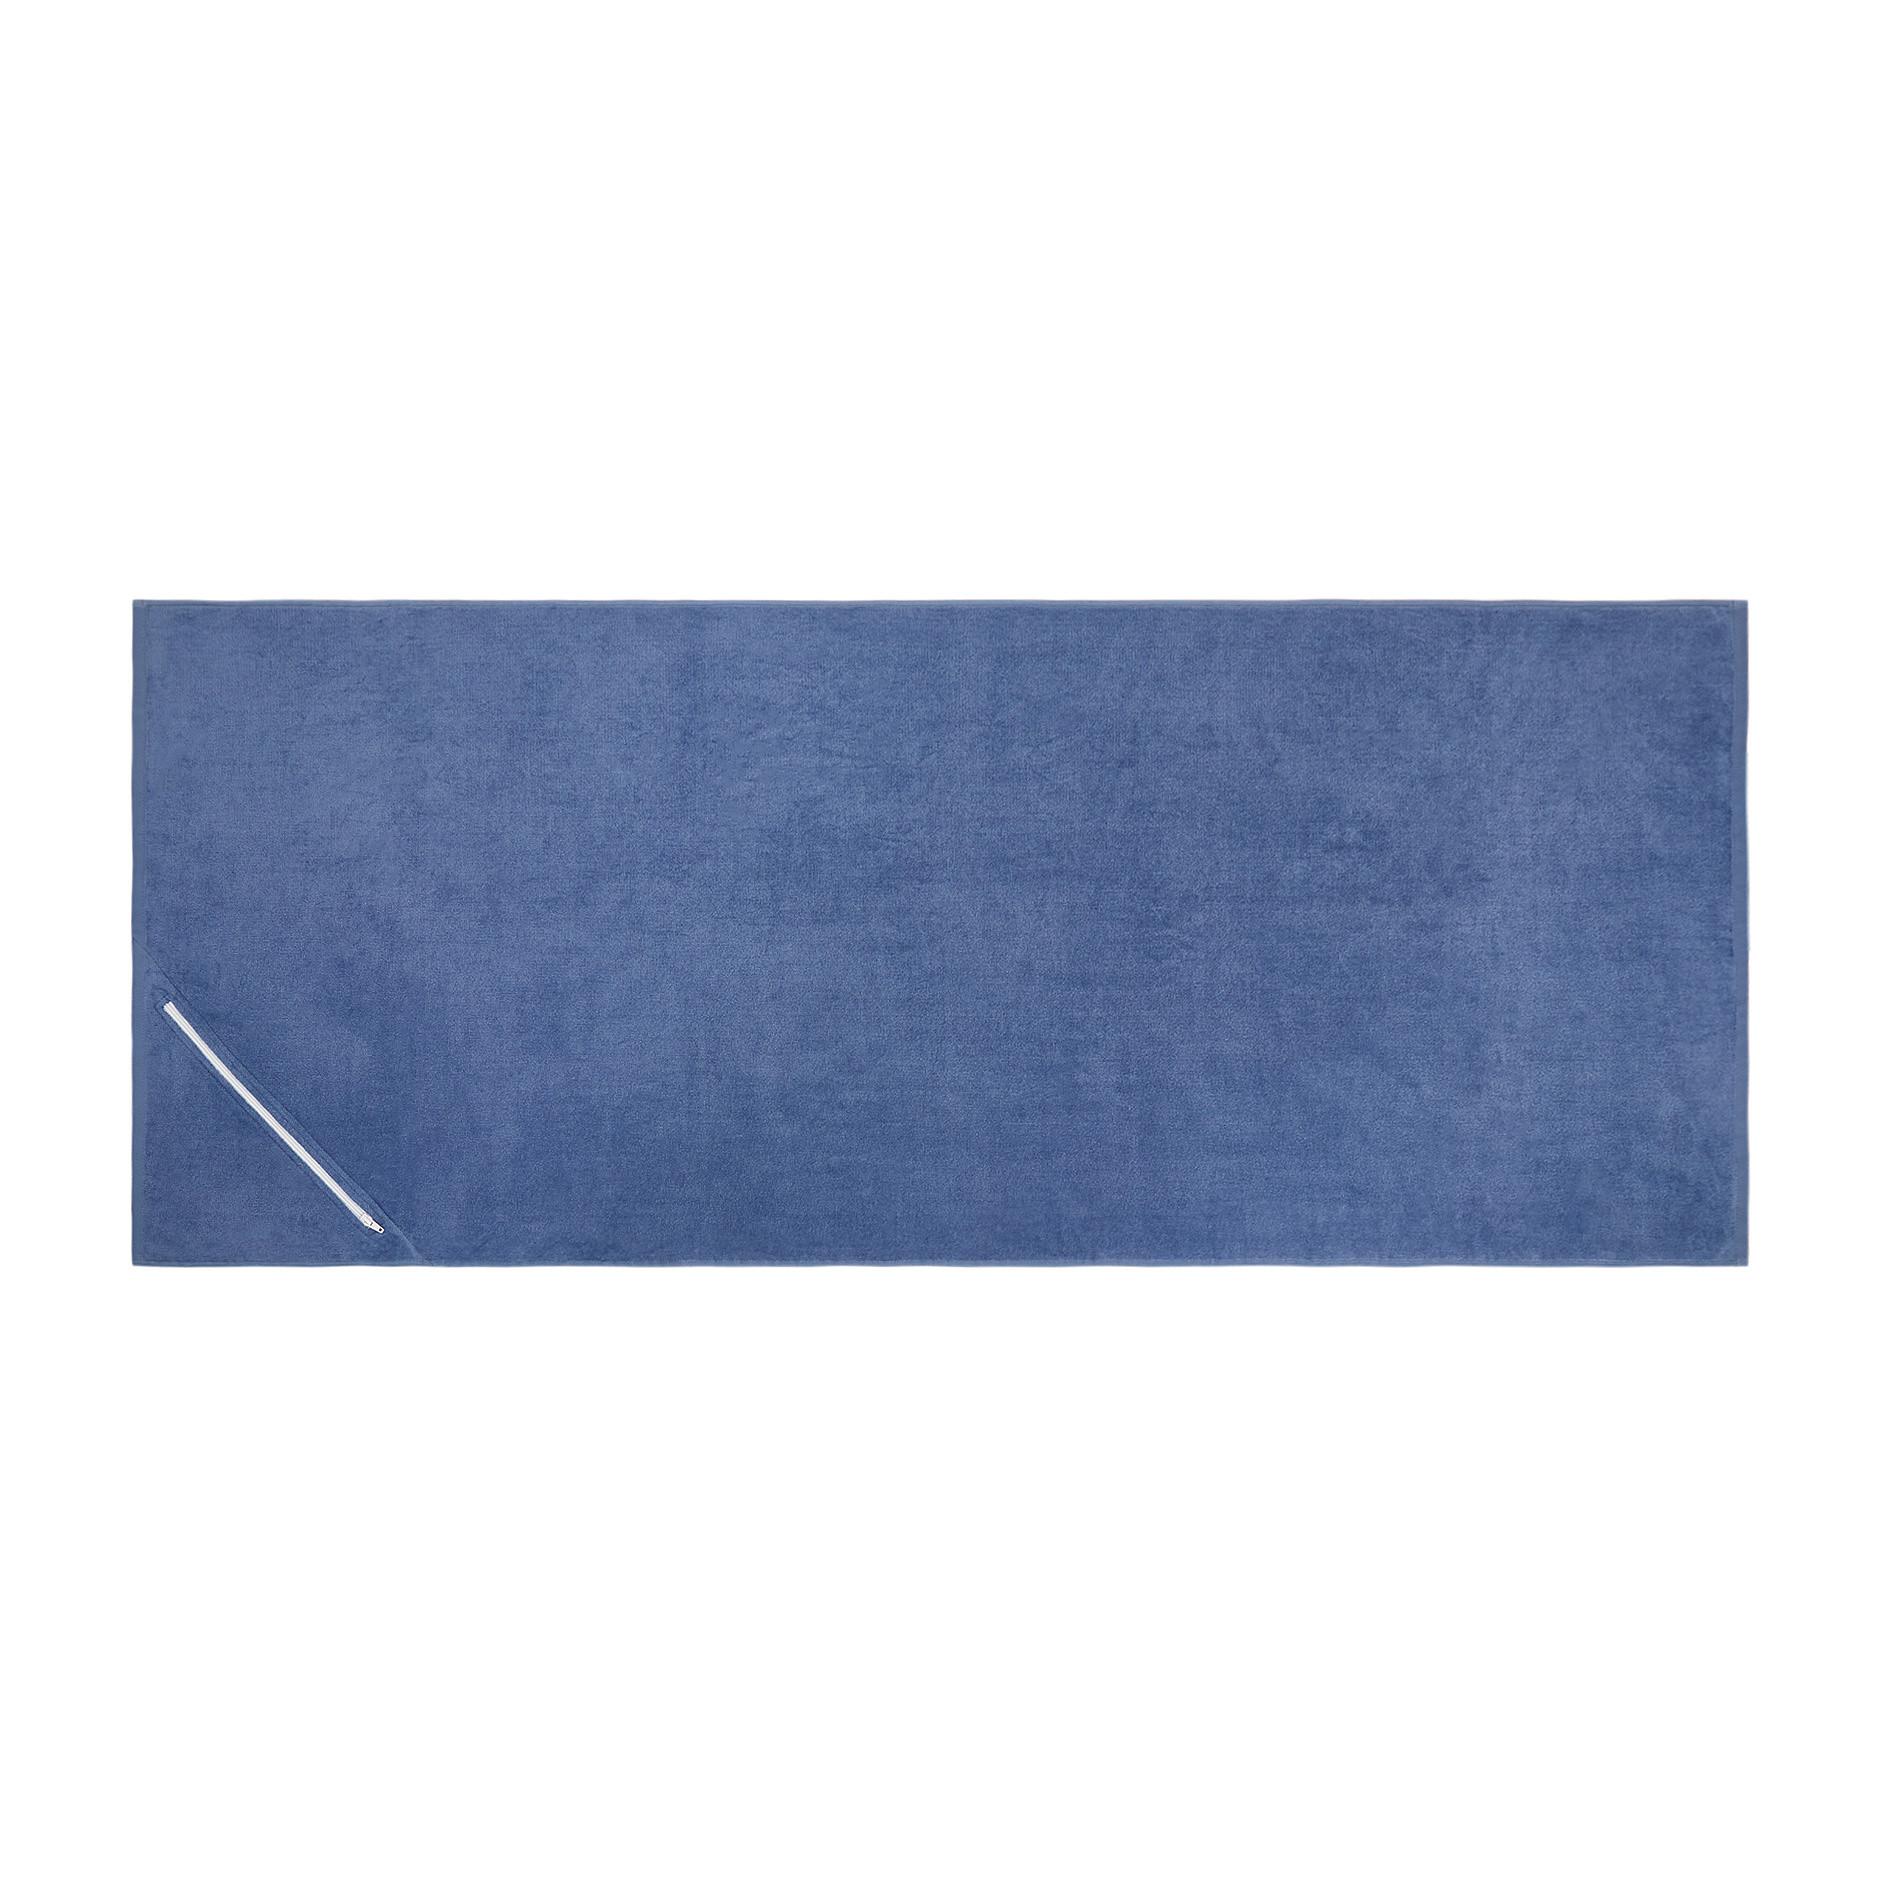 Telo mare in spugna di cotone con tasca, Blu scuro, large image number 0